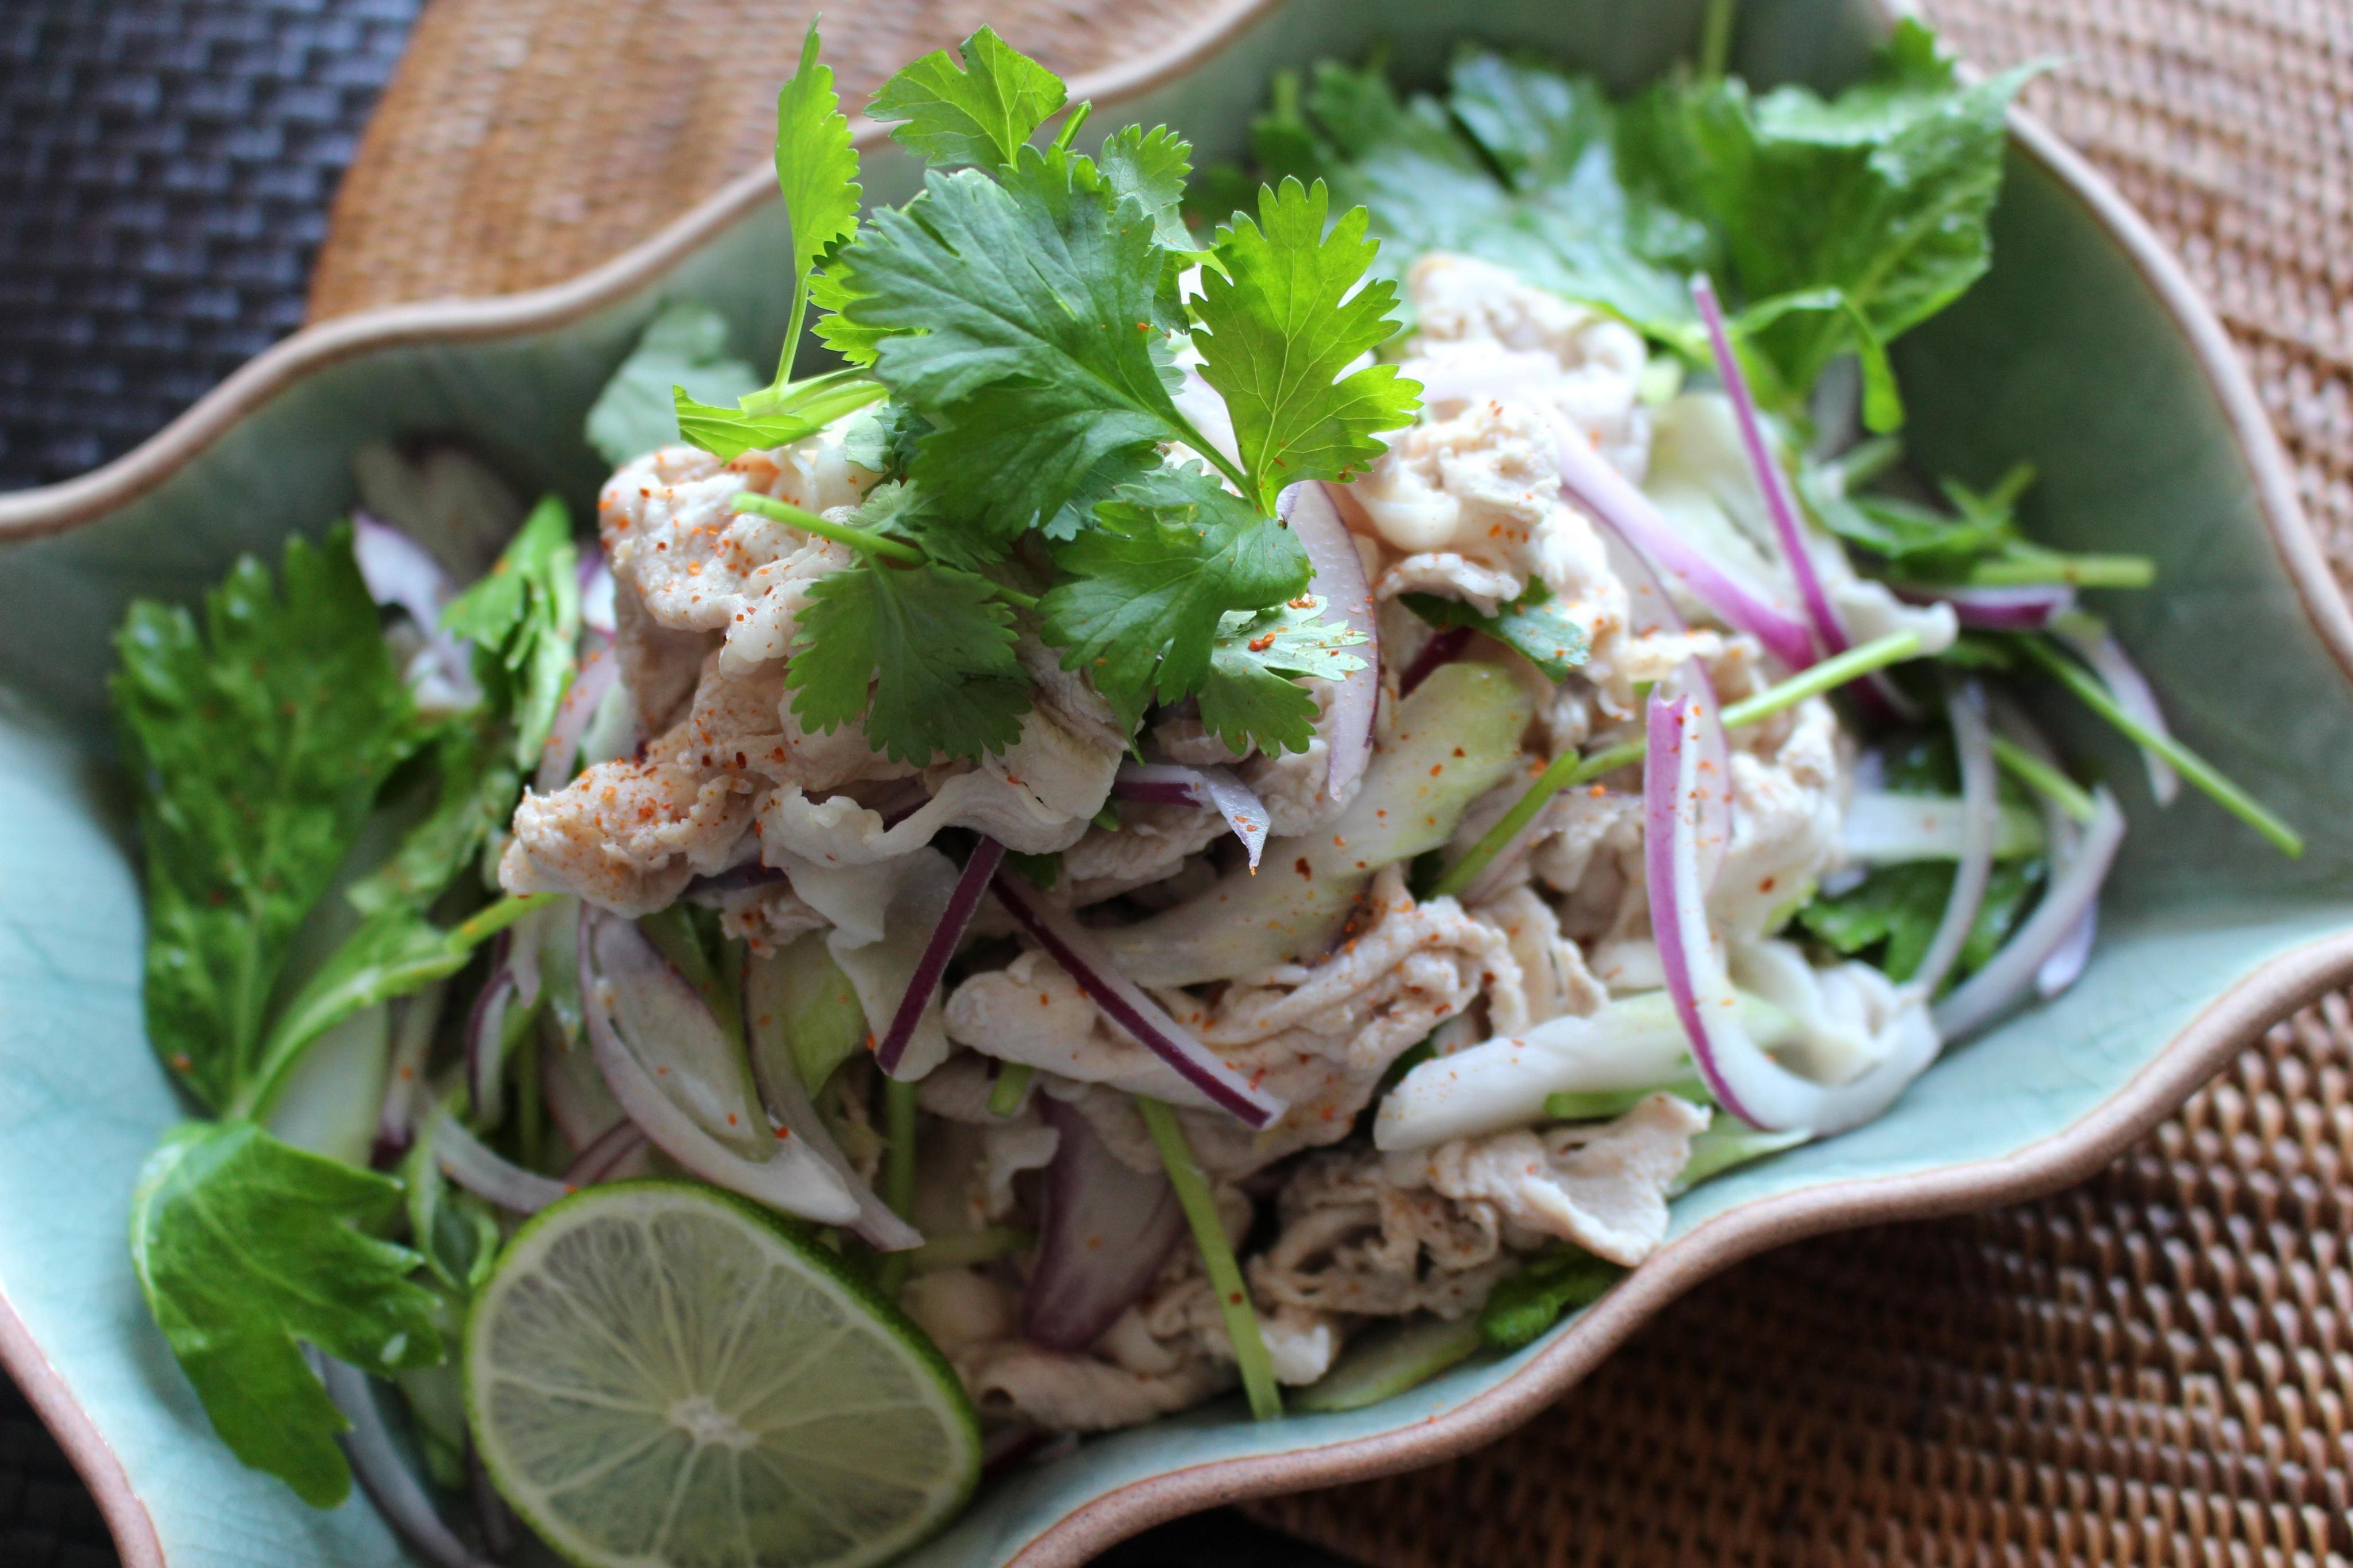 しょうがみりんで味付け簡単!豚肉のアジアンサラダ